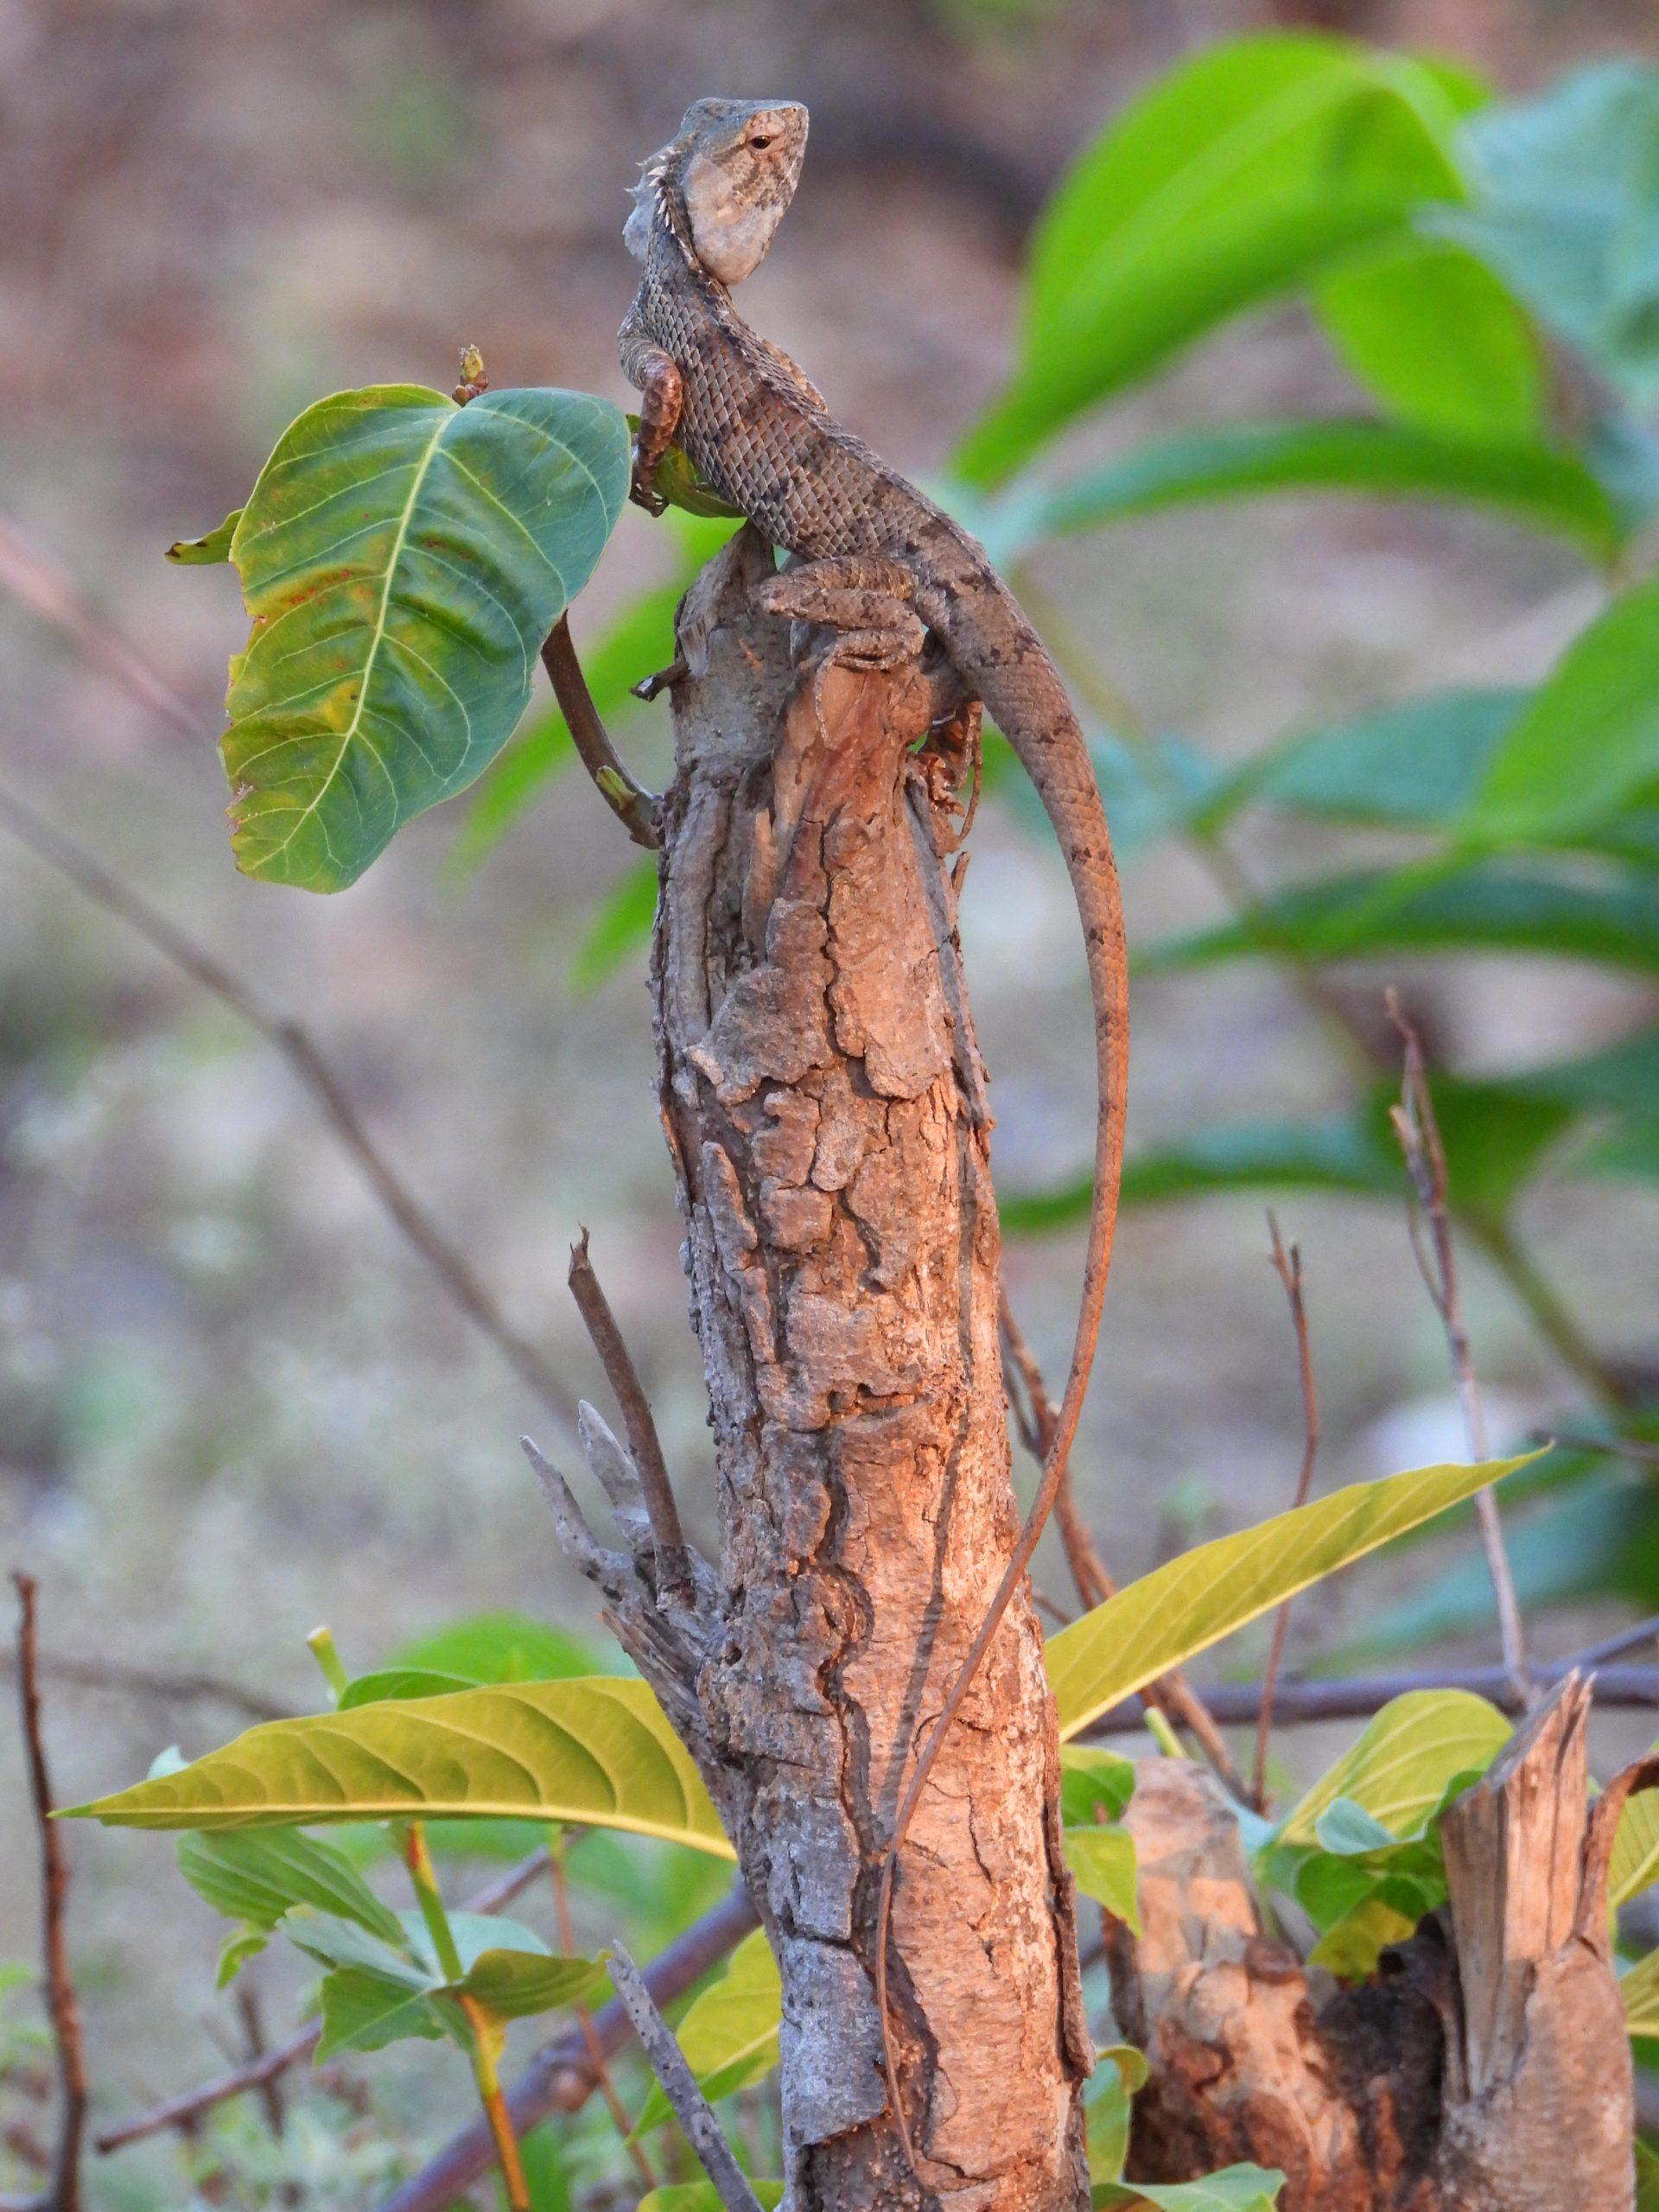 A garden lizard on a plant stem